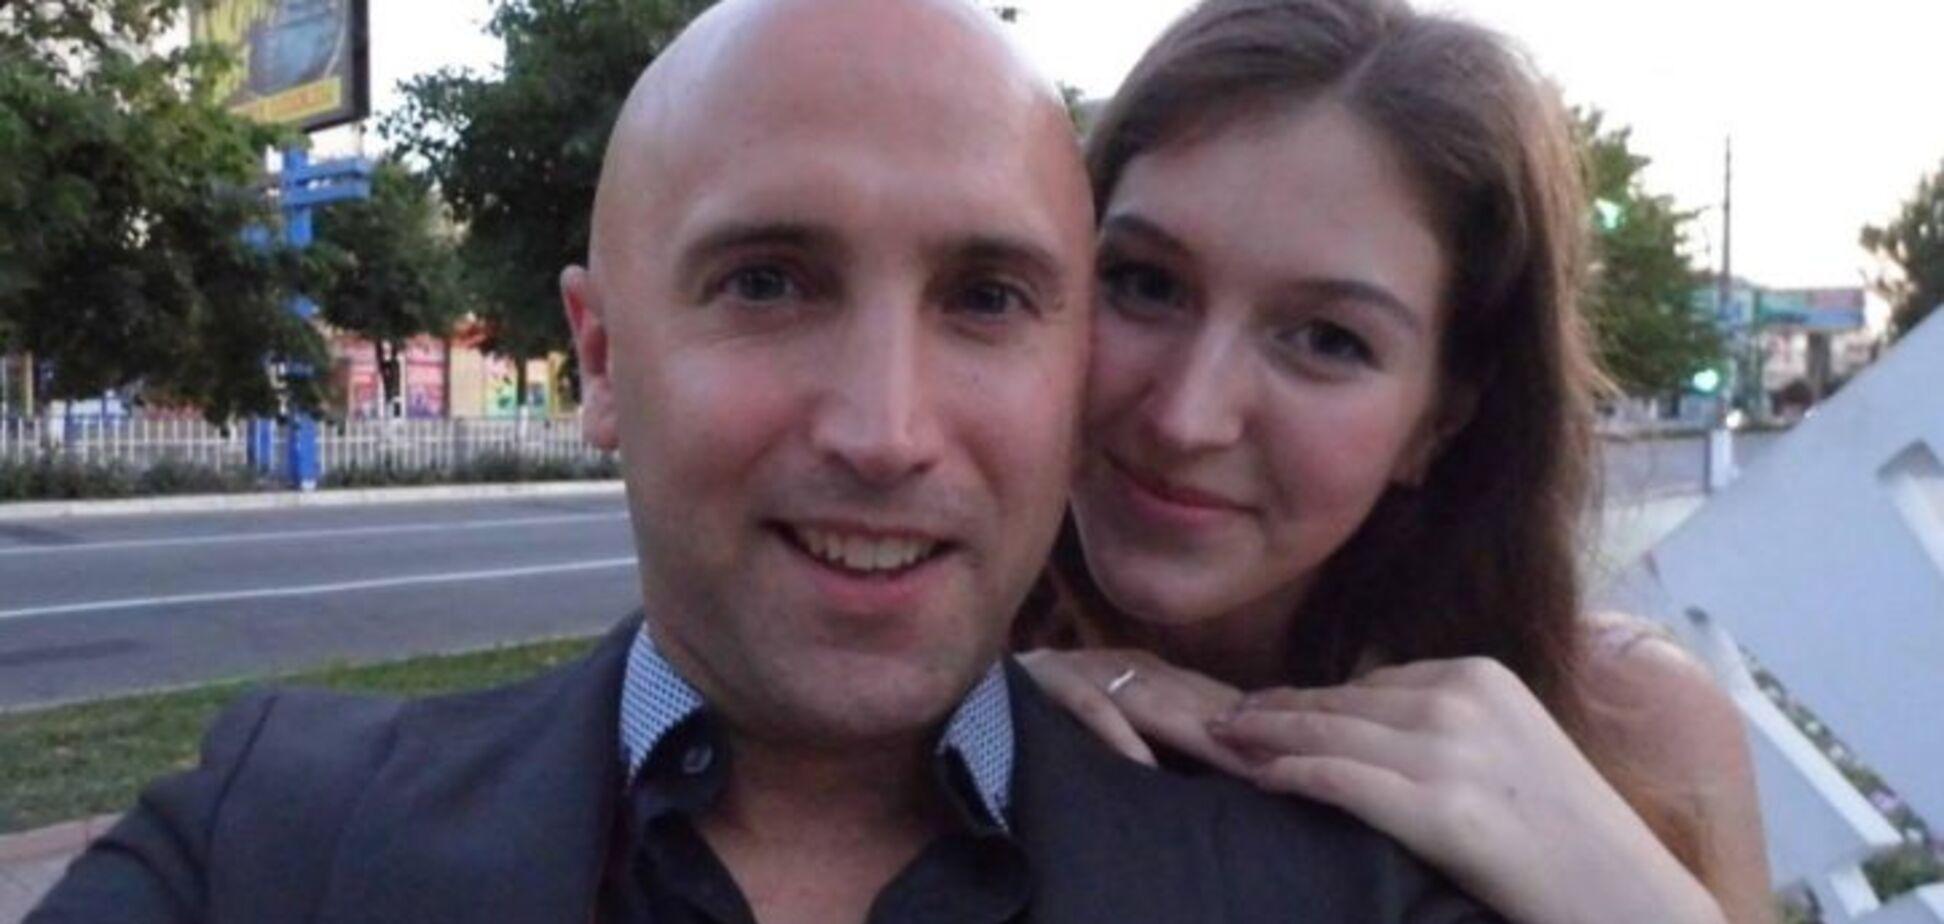 Кремлевский пропагандист Филлипс нашел себе в 'ЛНР' жену: опубликованы фото пары